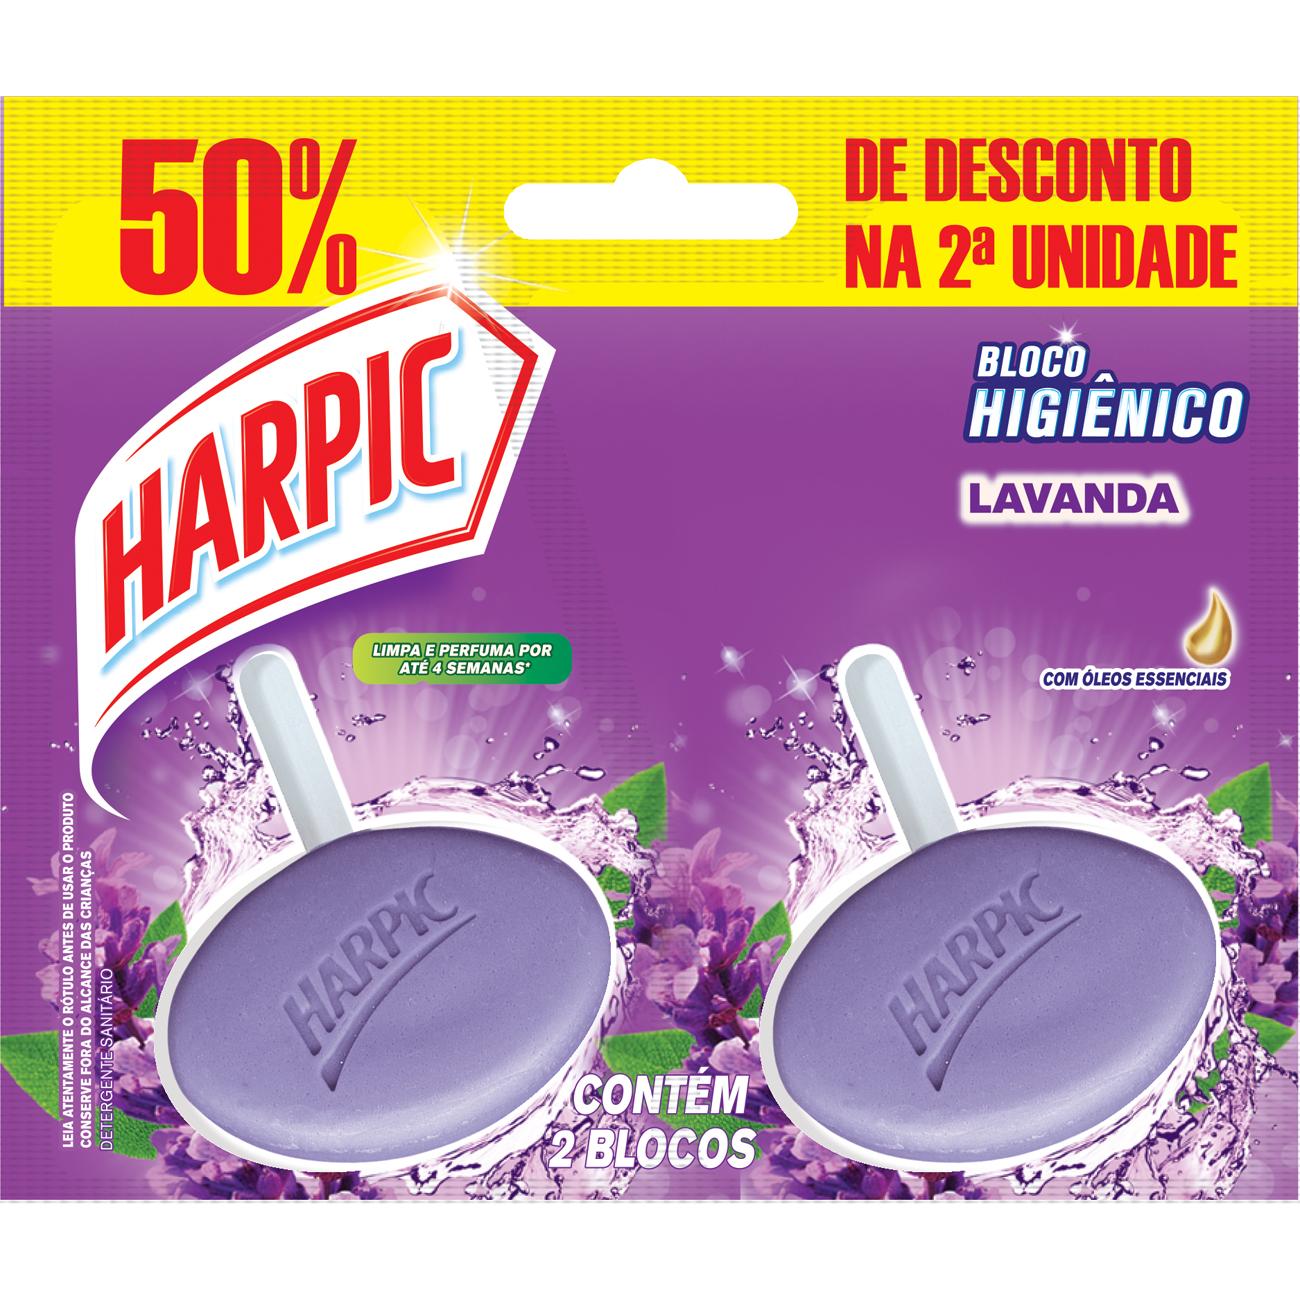 Bloco Sanitario Harpic Twin Pack 50%Off Lavanda